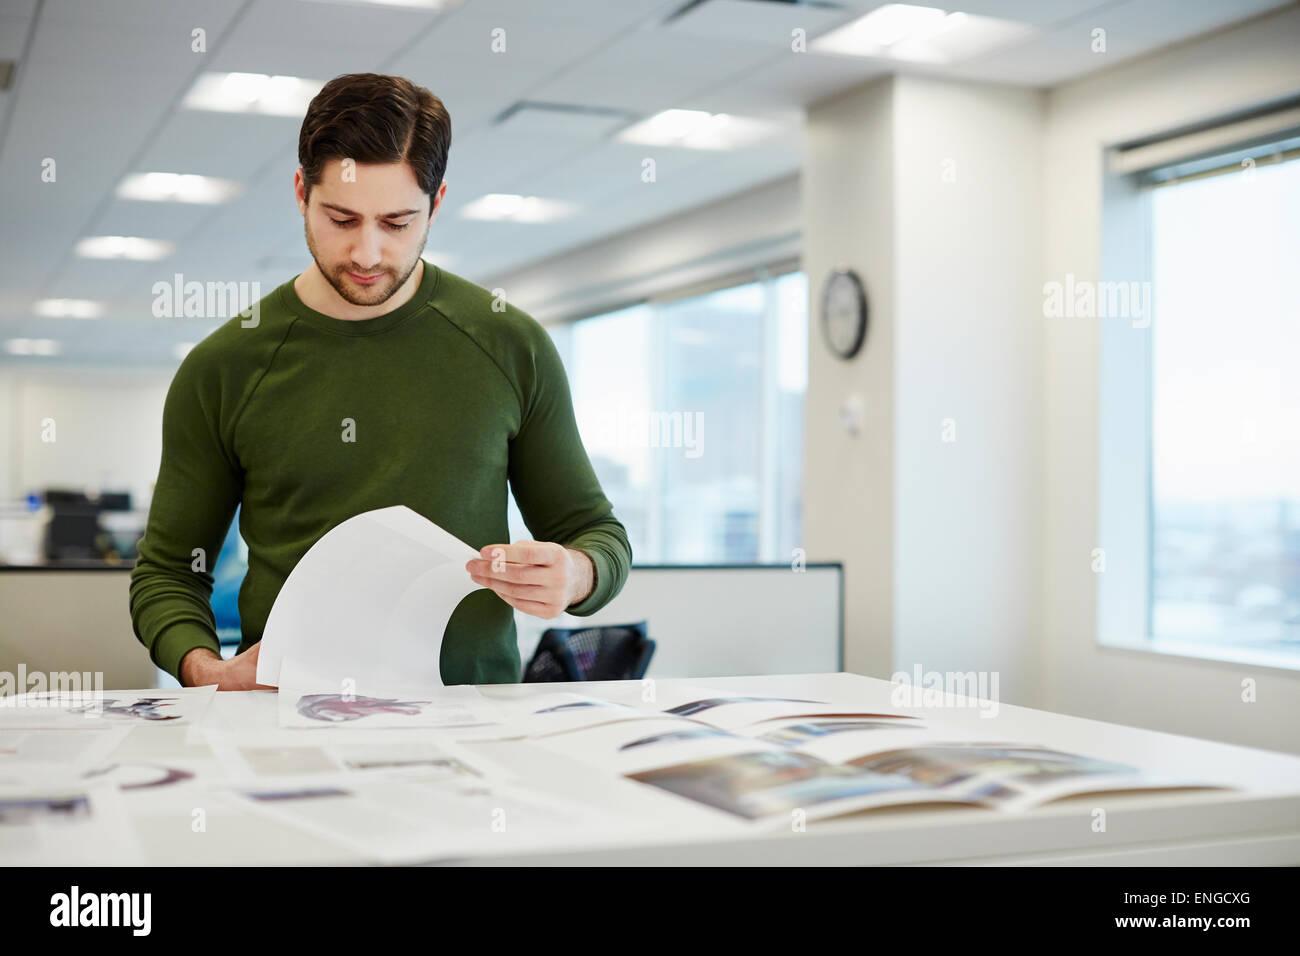 Un homme dans un bureau de vérifier les preuves de pages imprimées. Photo Stock